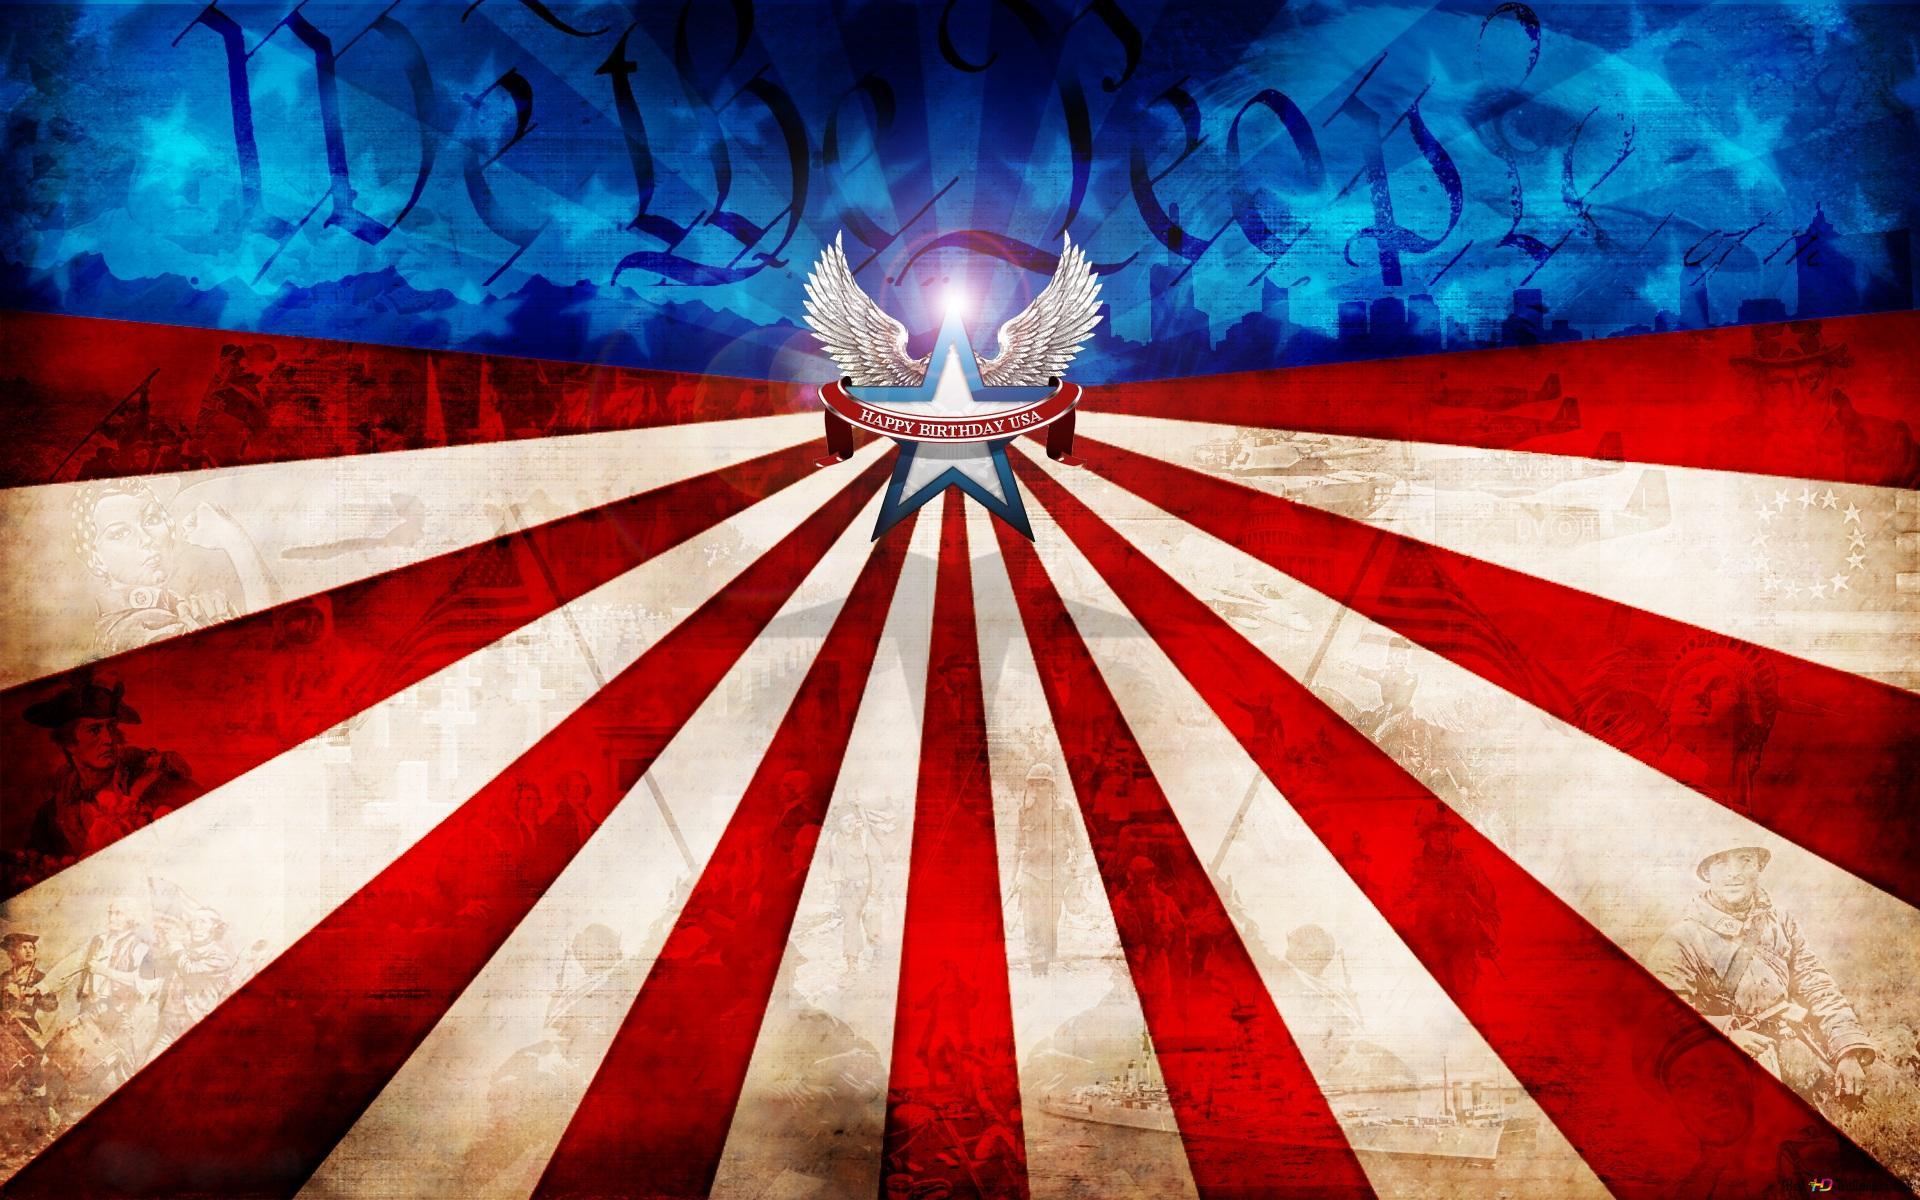 アメリカの国旗 独立記念日 Hd壁紙のダウンロード